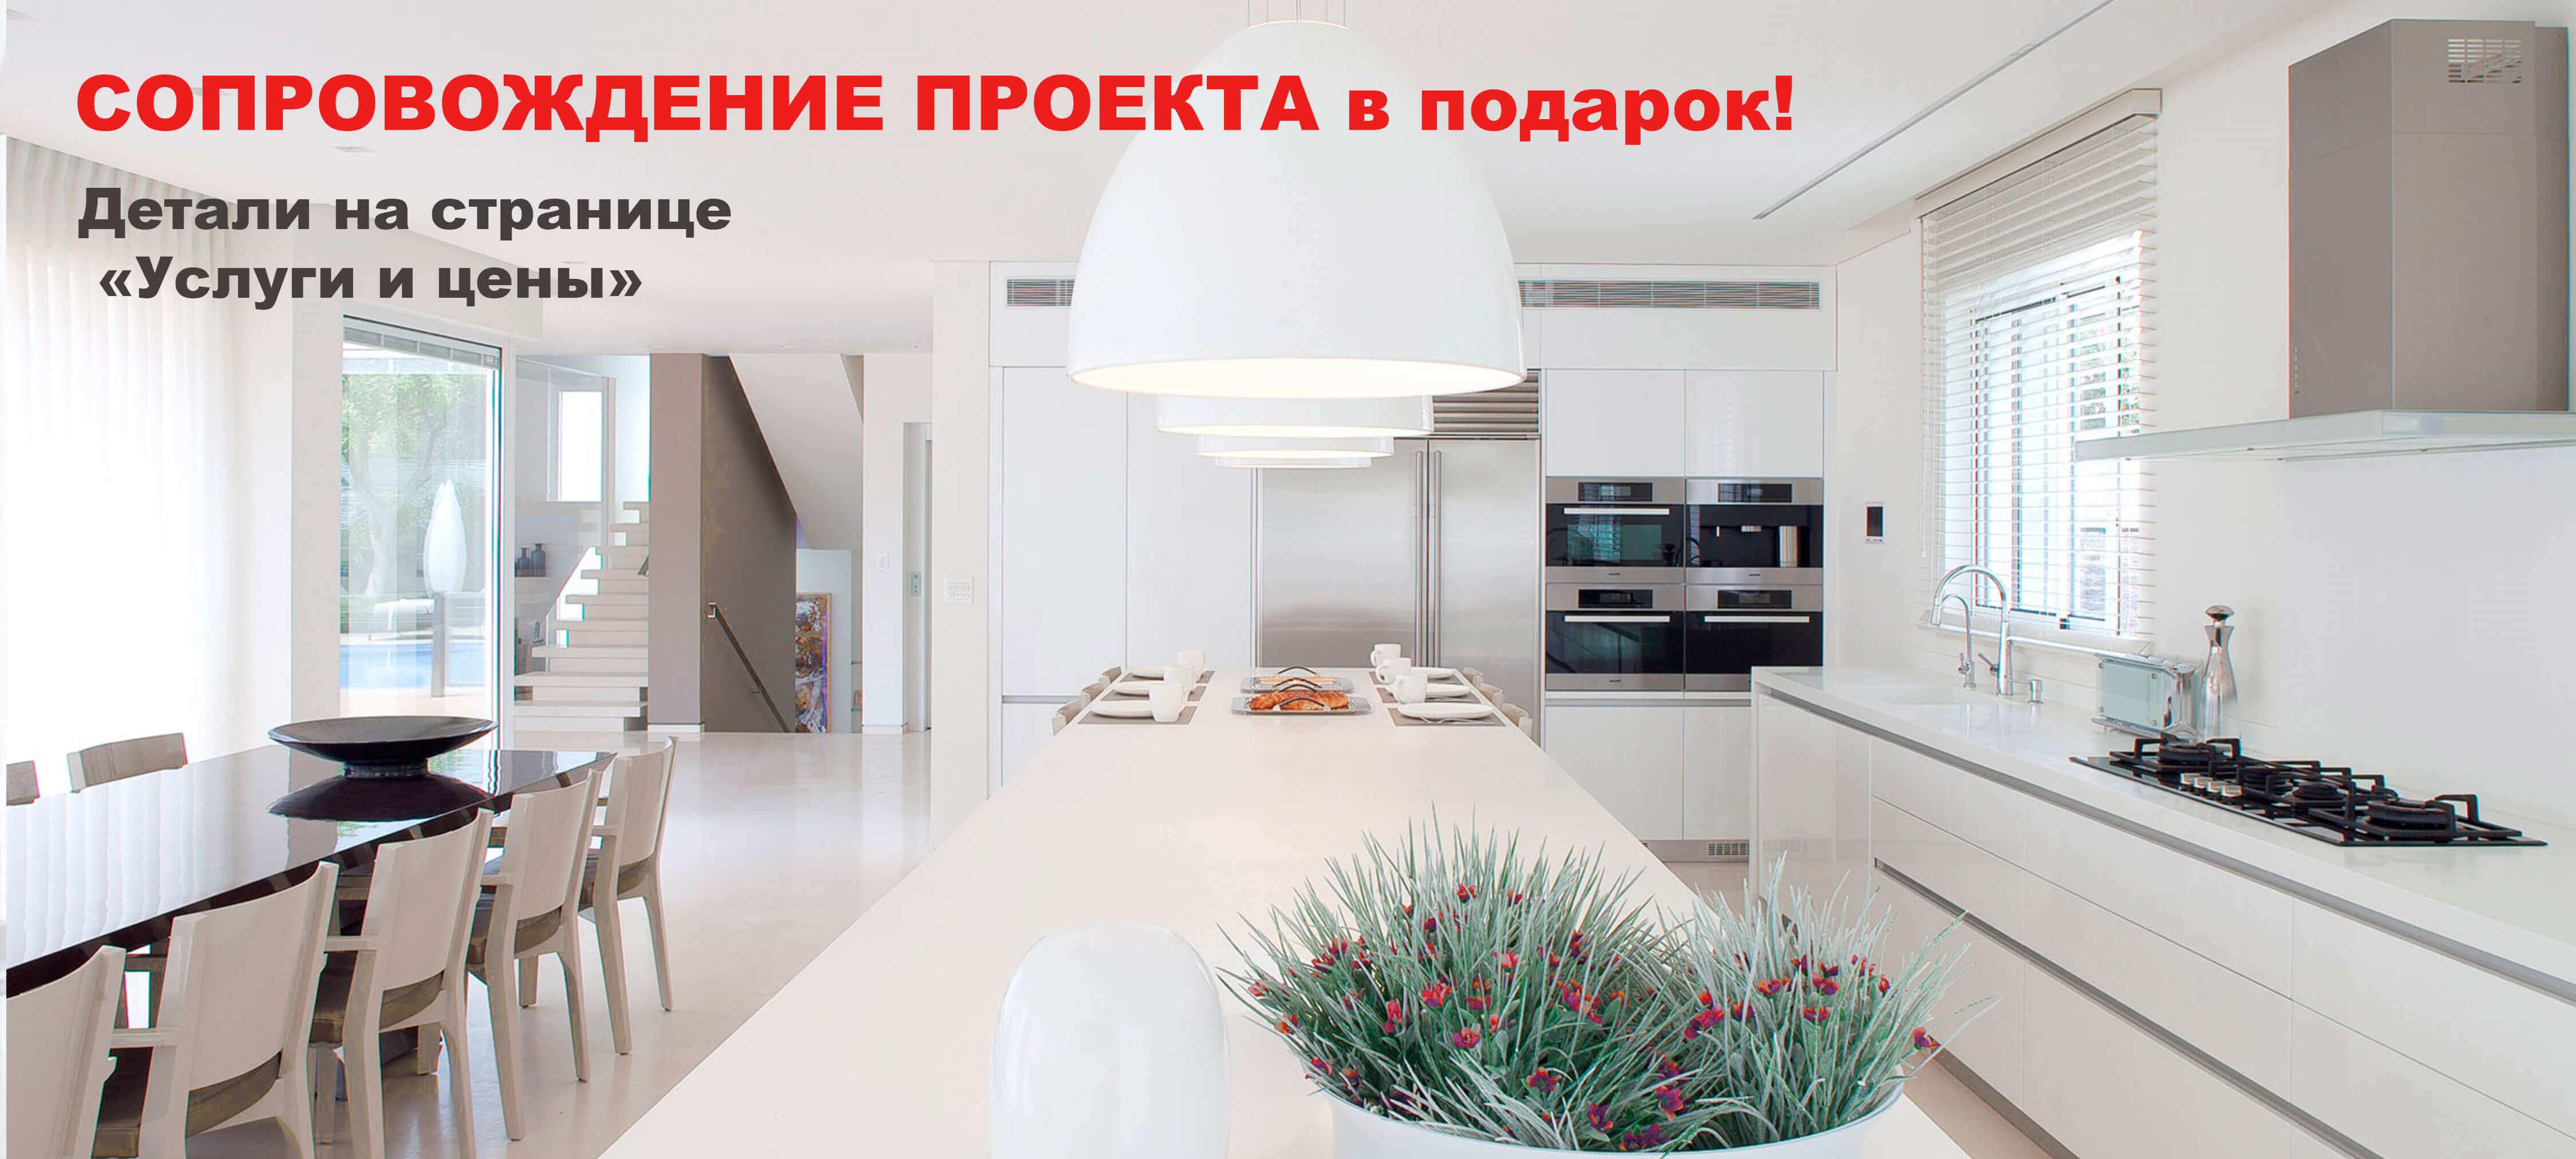 слайдер_1_главная